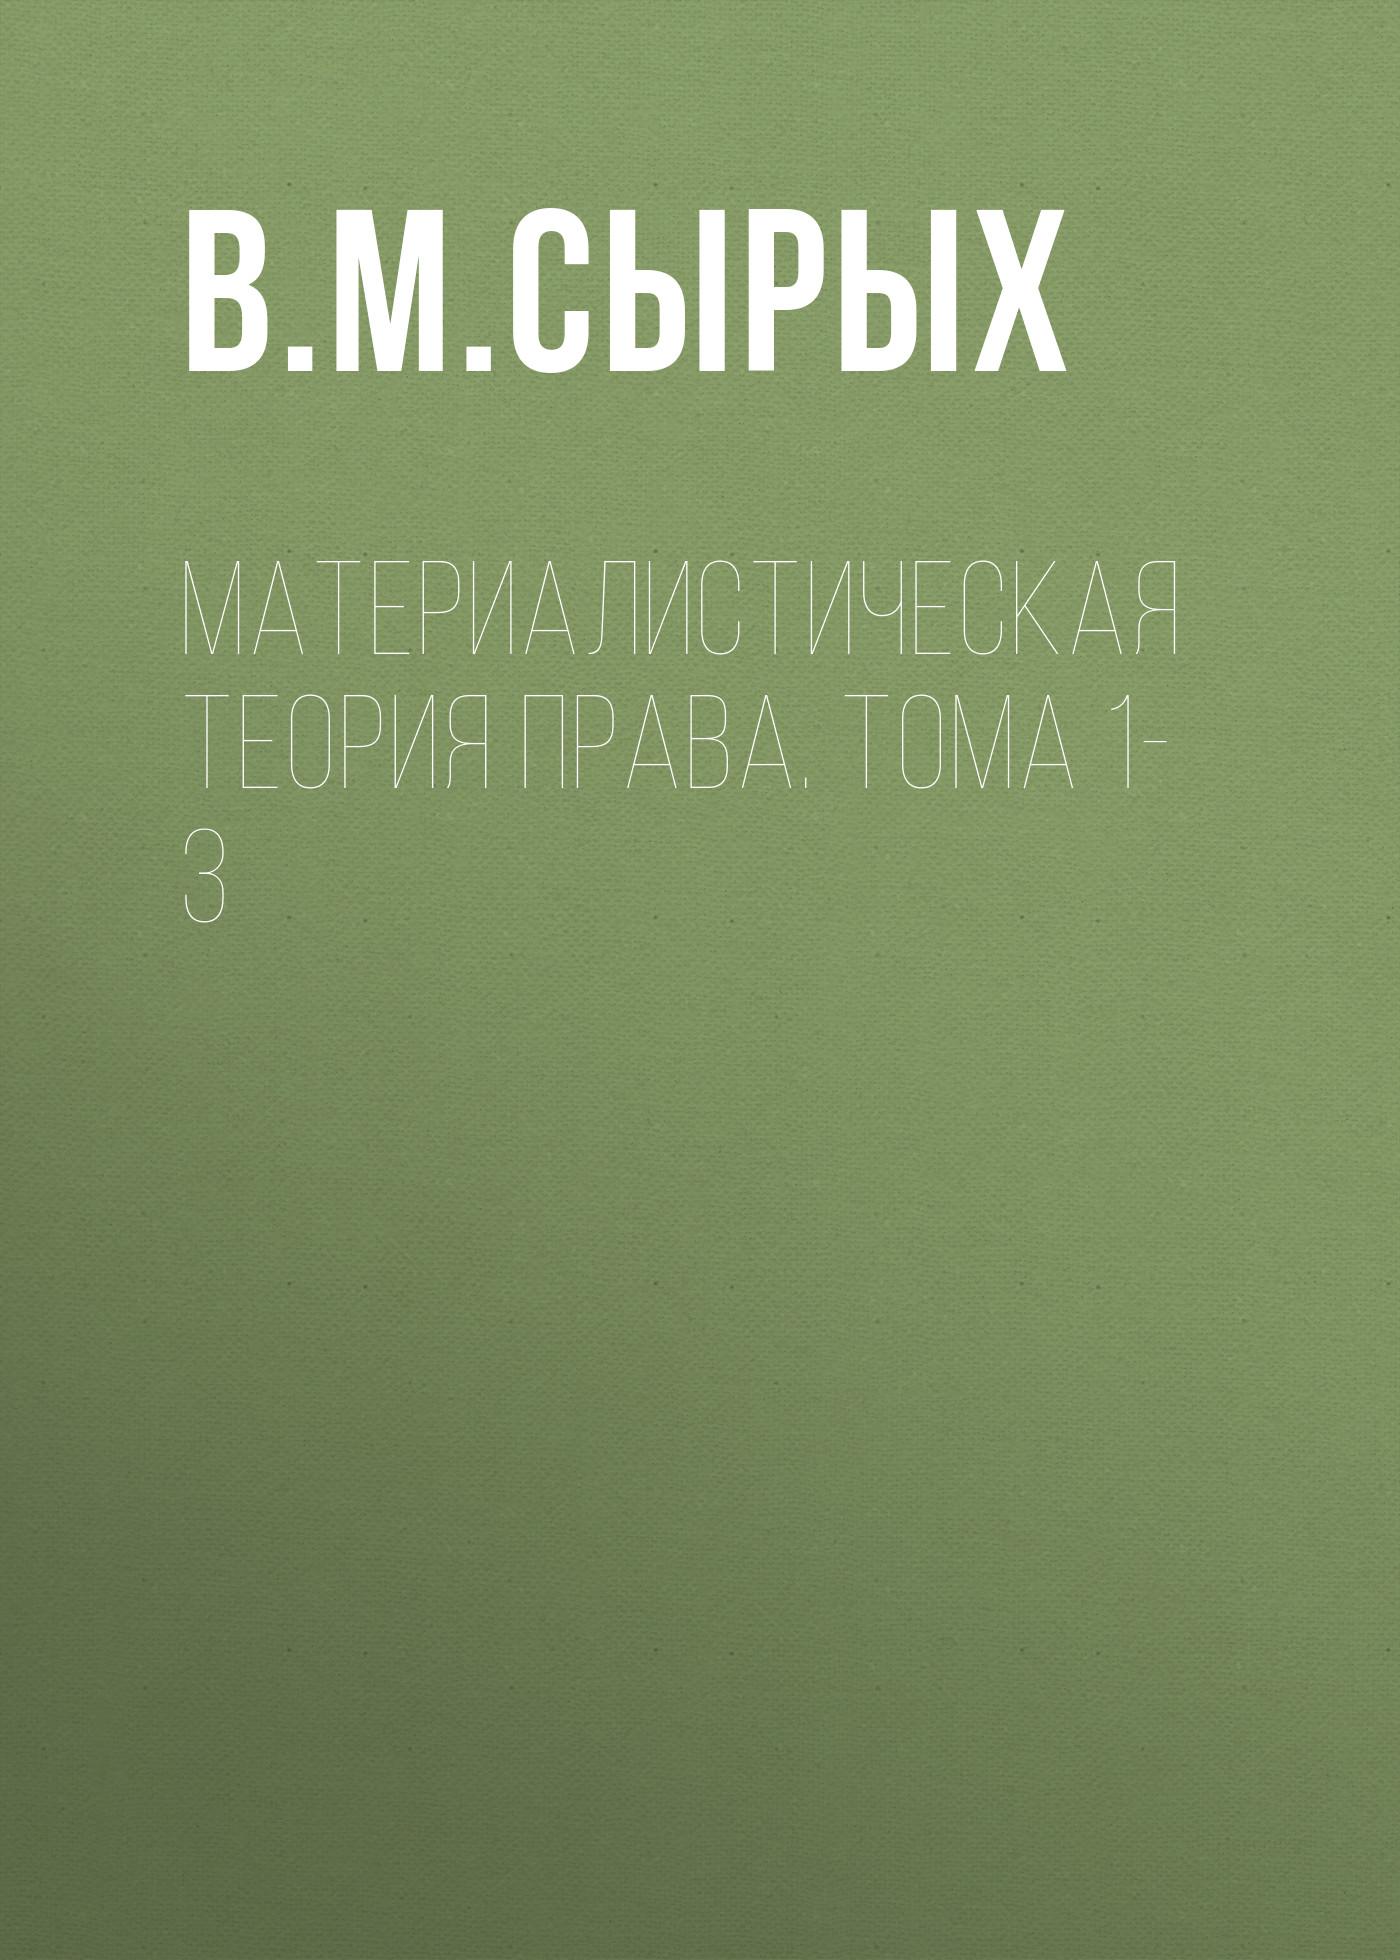 В. М. Сырых Материалистическая теория права. Тома 1-3